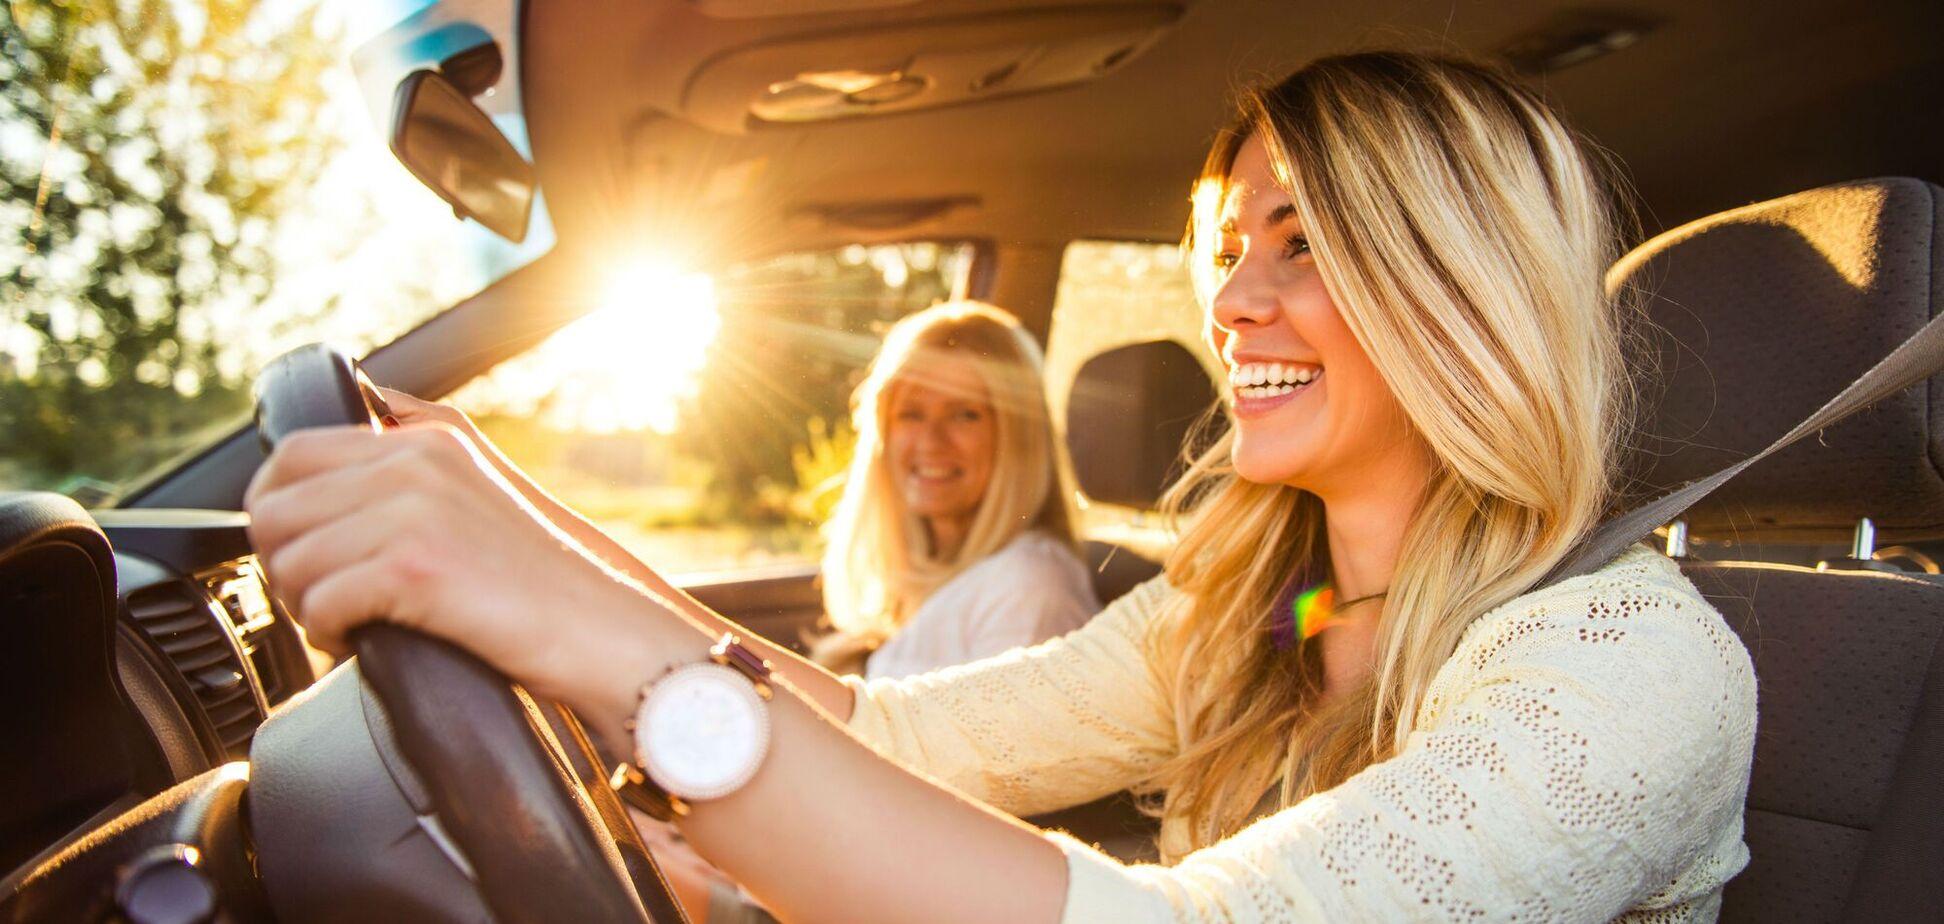 Как защитить авто от жаркого солнца, и что не стоит оставлять в салоне